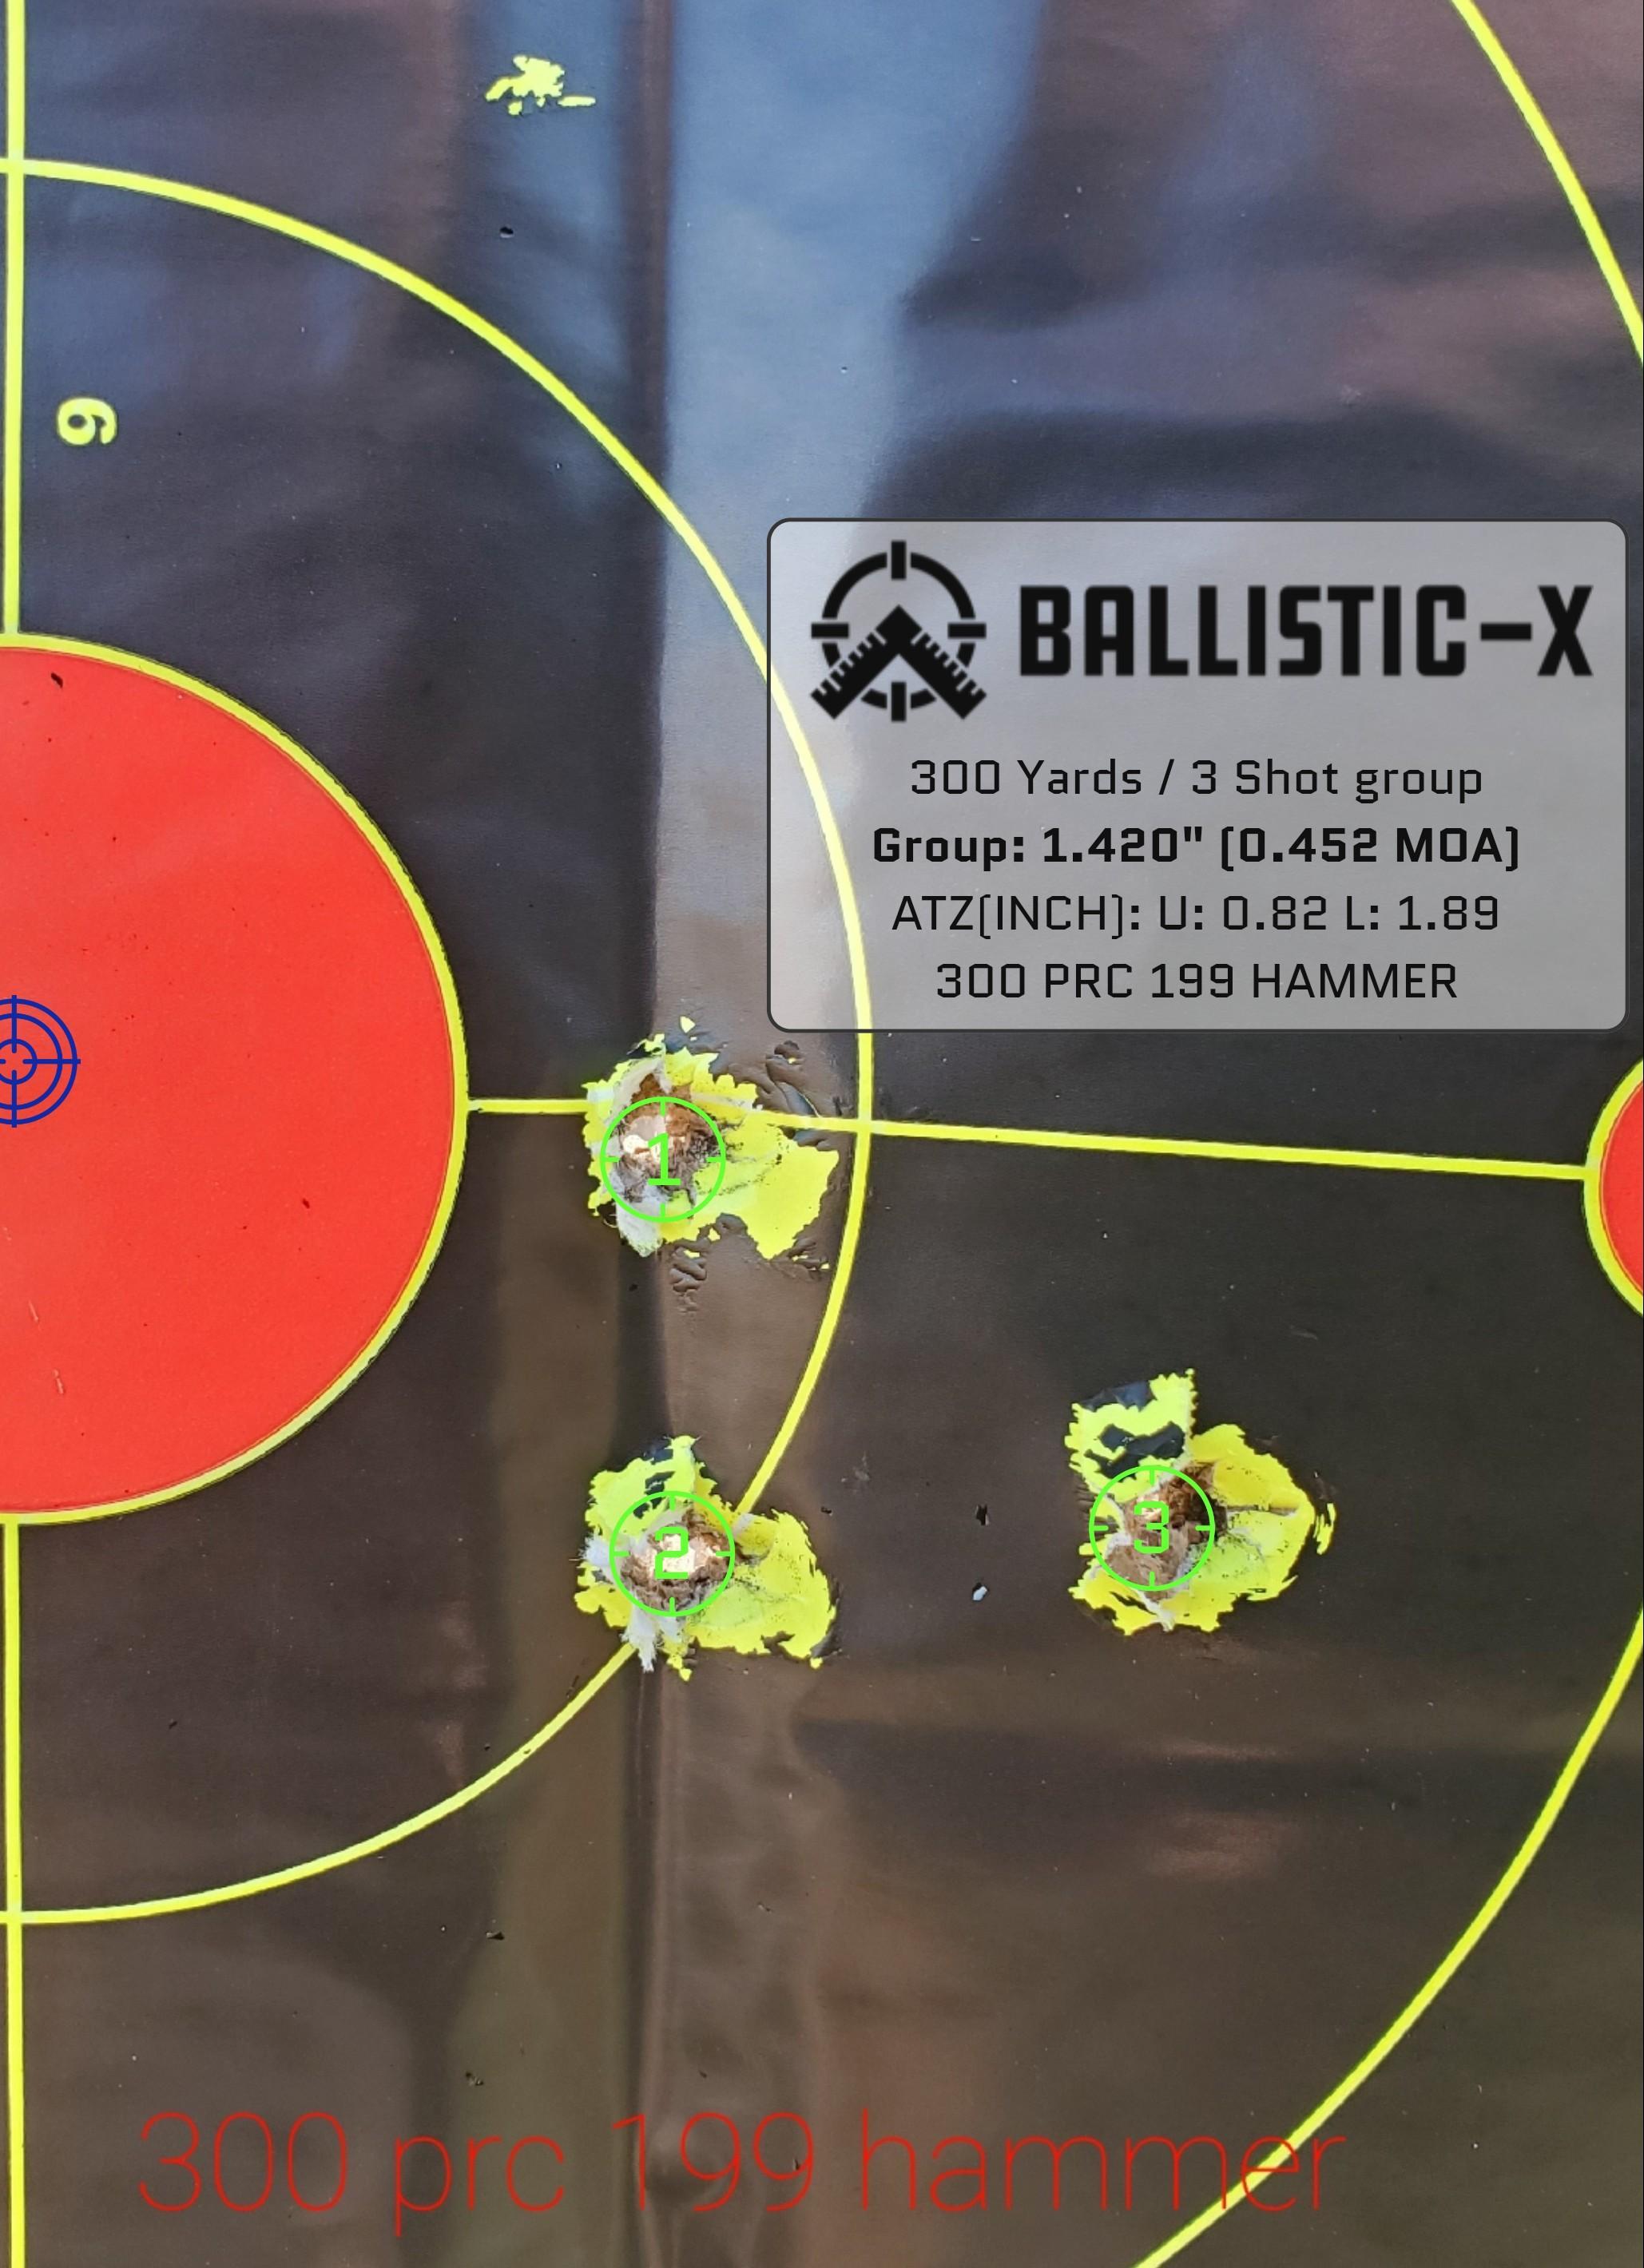 Ballistic-X-Export-2021-04-17 09:32:17.170445.jpg